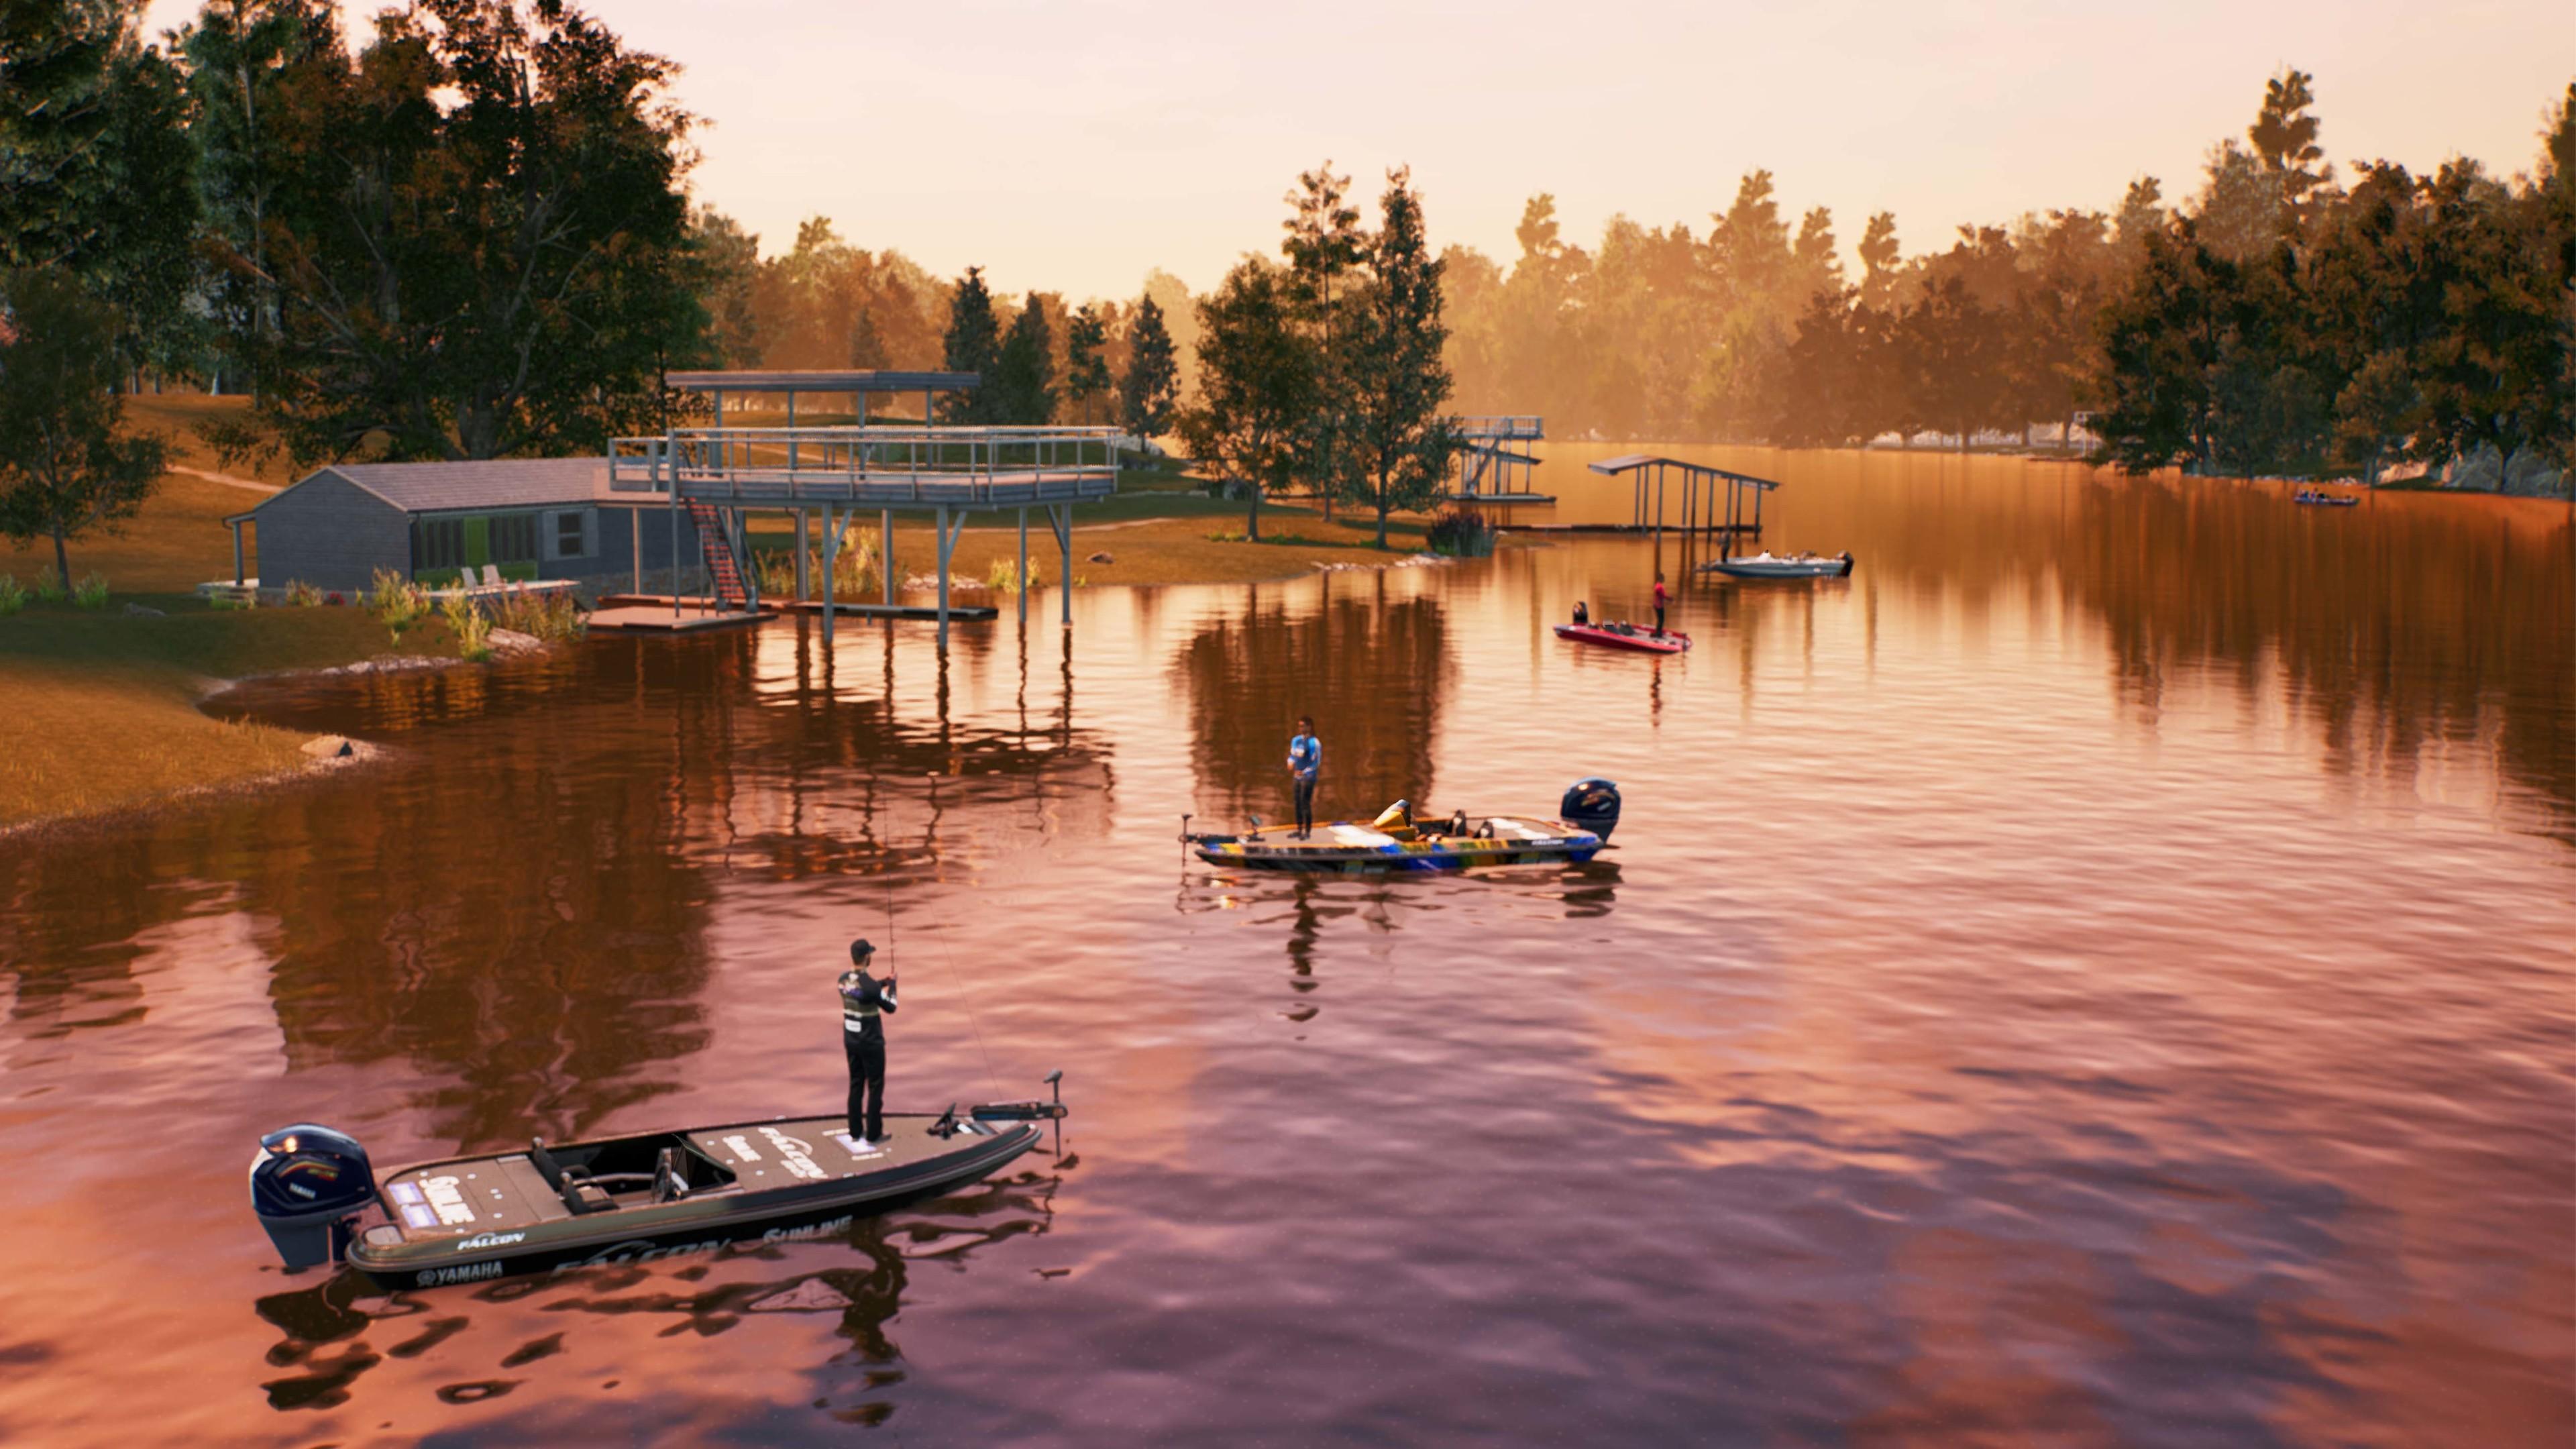 Скриншот №1 к Bassmaster Fishing 2022 PS4 and PS5